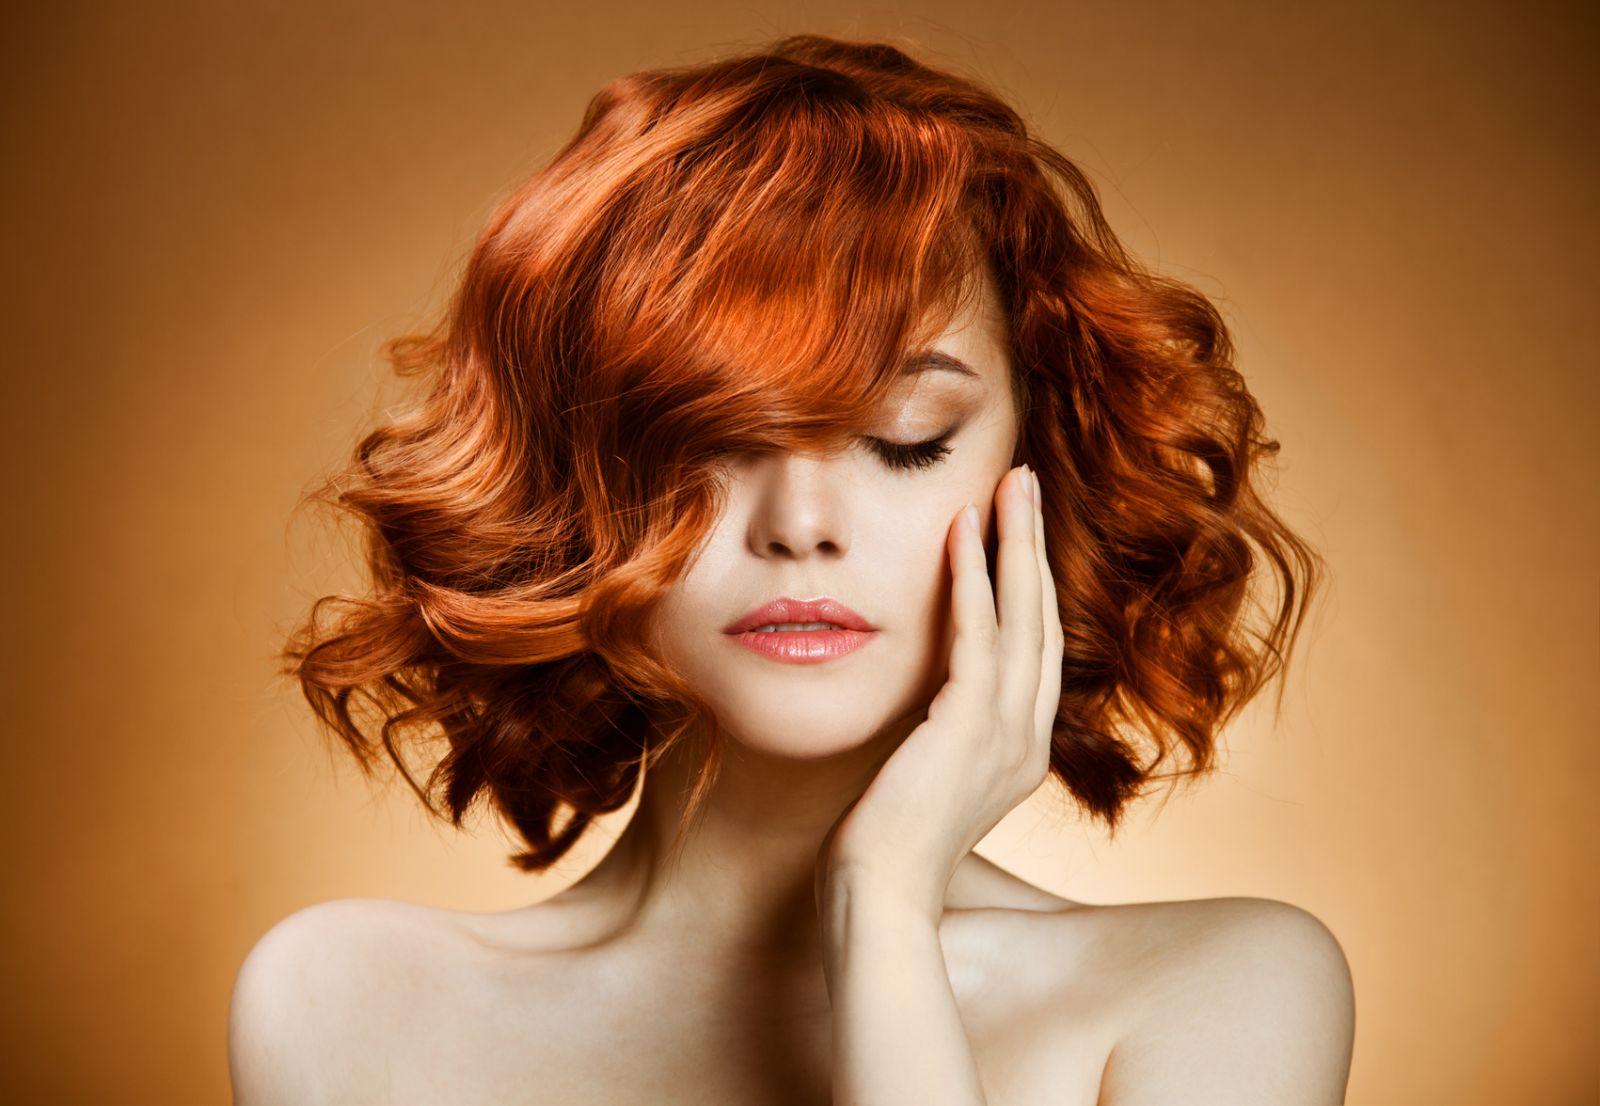 Cách nhuộm và chăm sóc tóc sau khi nhuộm